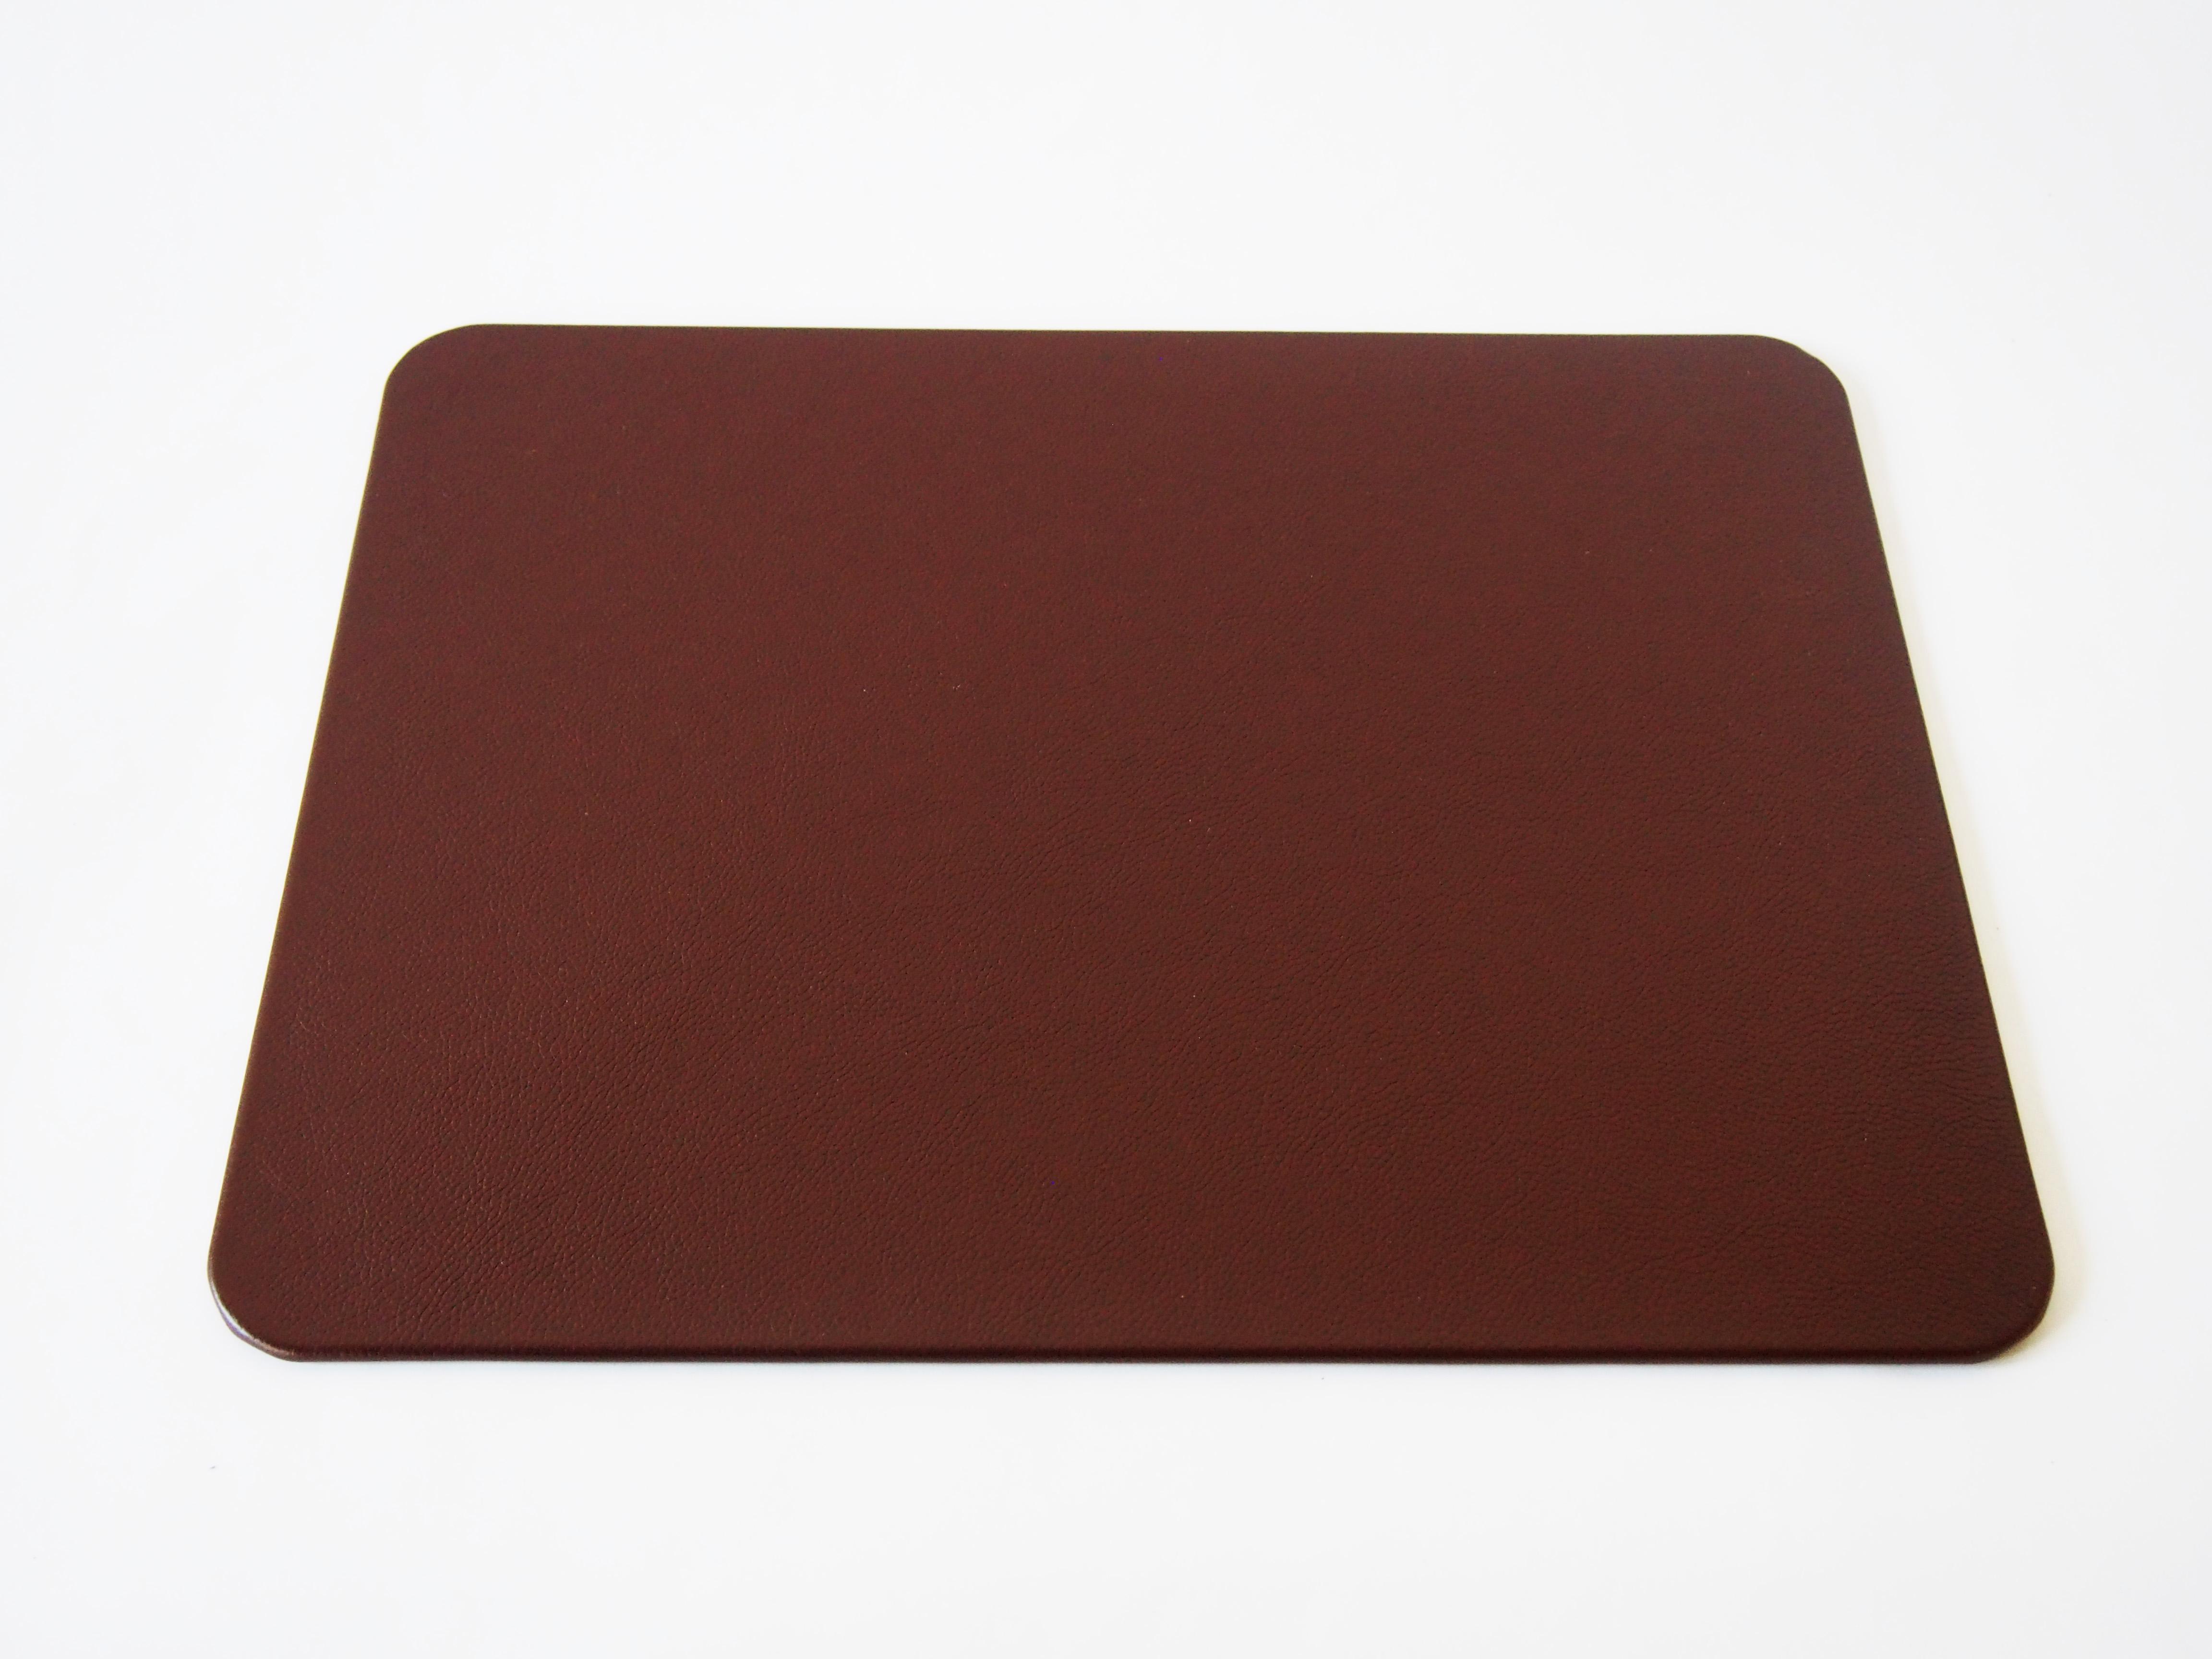 Brown Leather Desk Pad Genuine TopGrain Leather